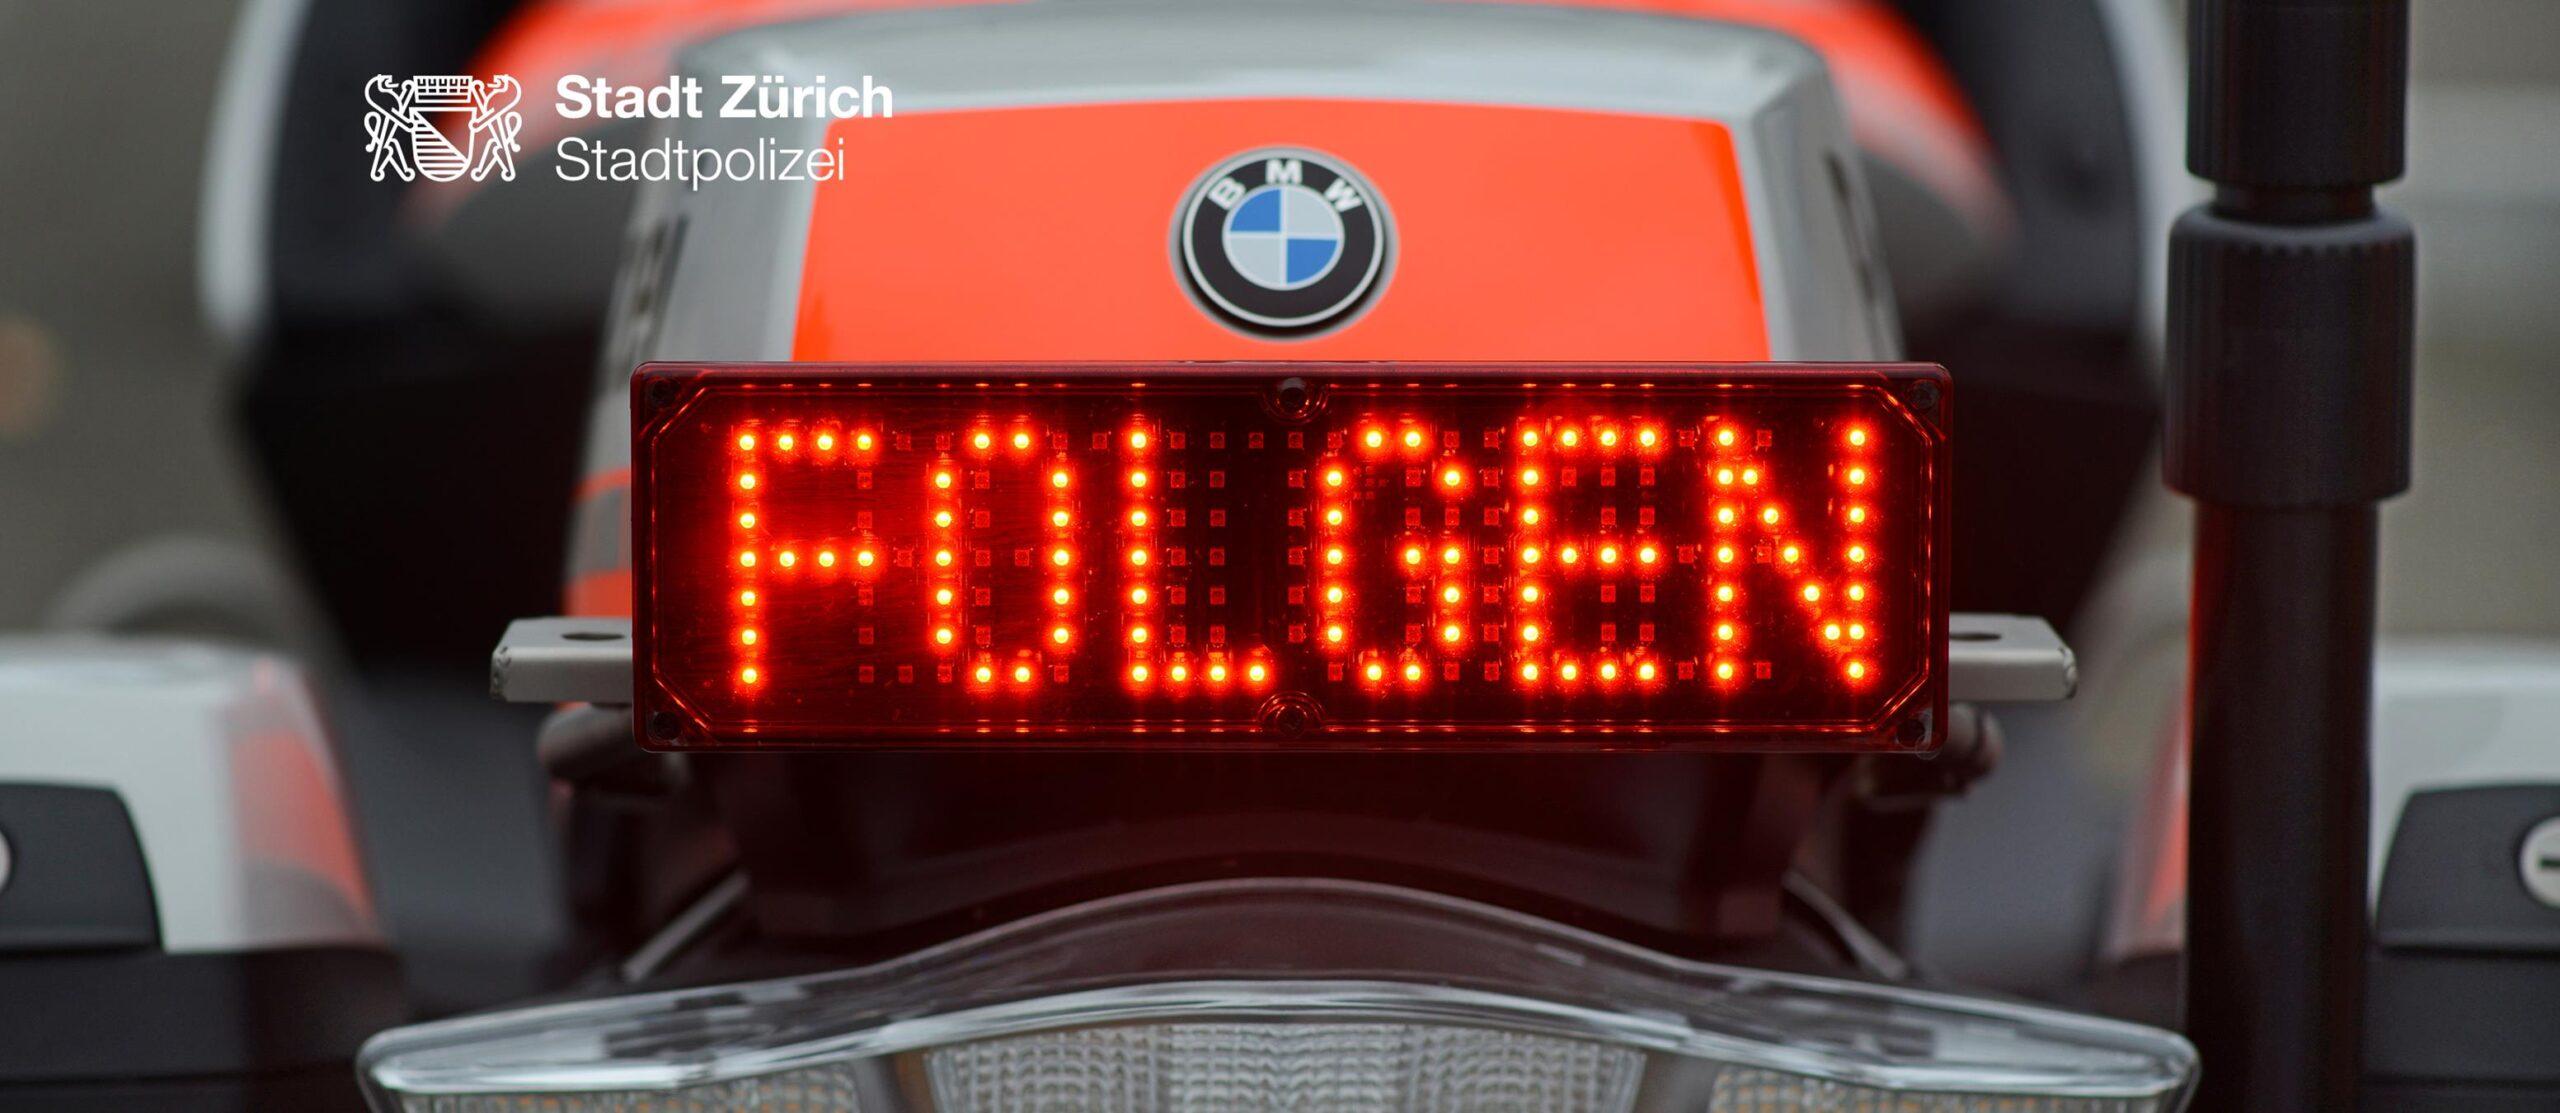 Die Stadtpolizei Zürich ist für die Zürcherinnen und Zürcher da. (Bild: Stapo ZH)